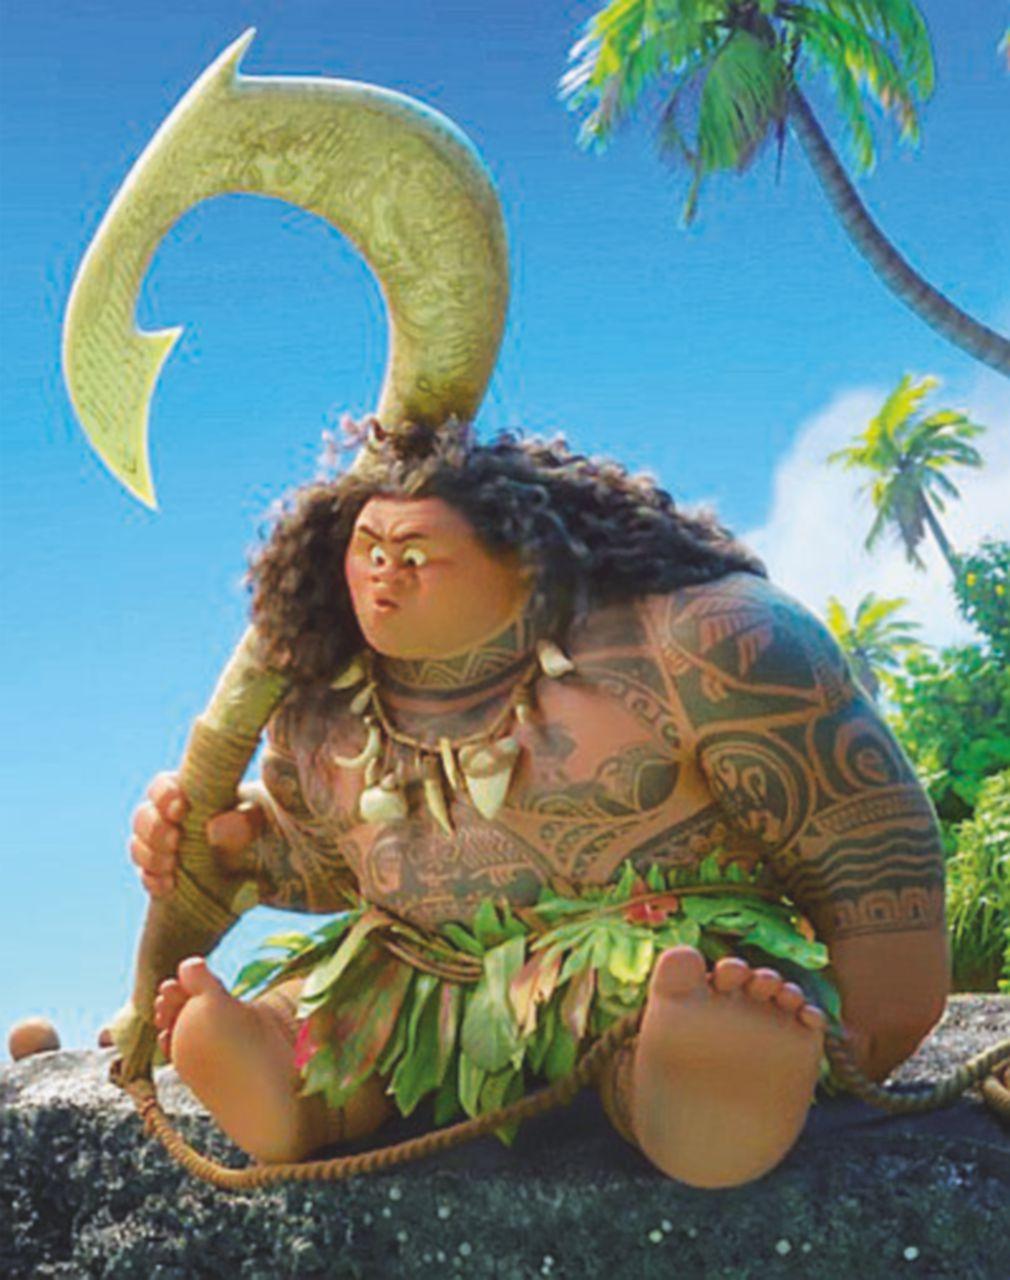 """Il cibo """"spazzatura"""" rende grassi e obesi gli abitanti più poveri del Pacifico"""